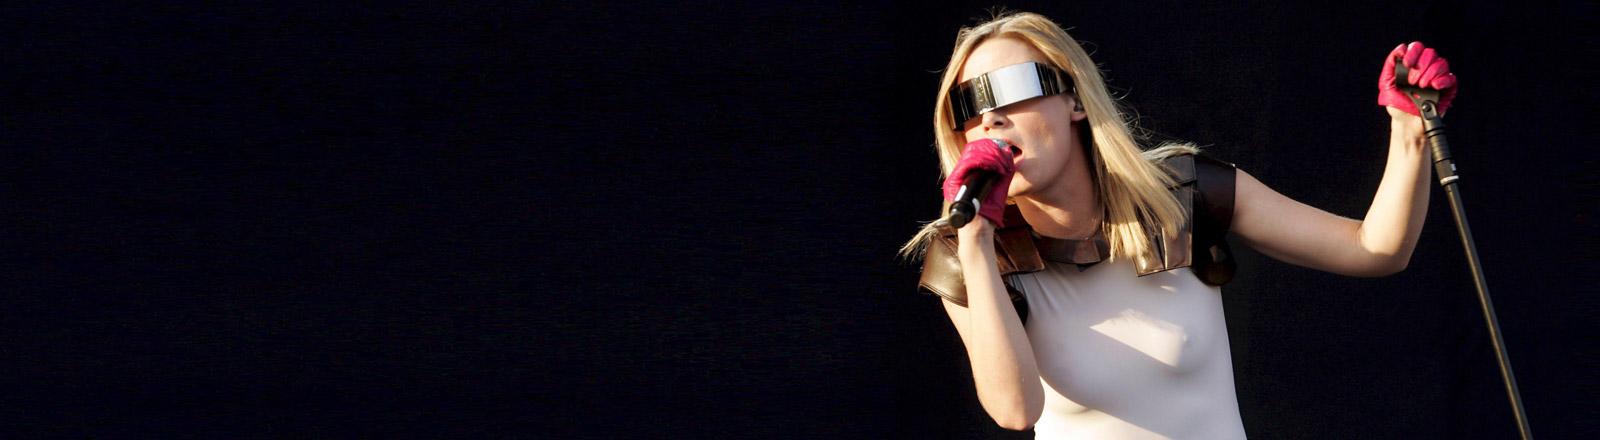 Róisín Murphy auf der Bühne